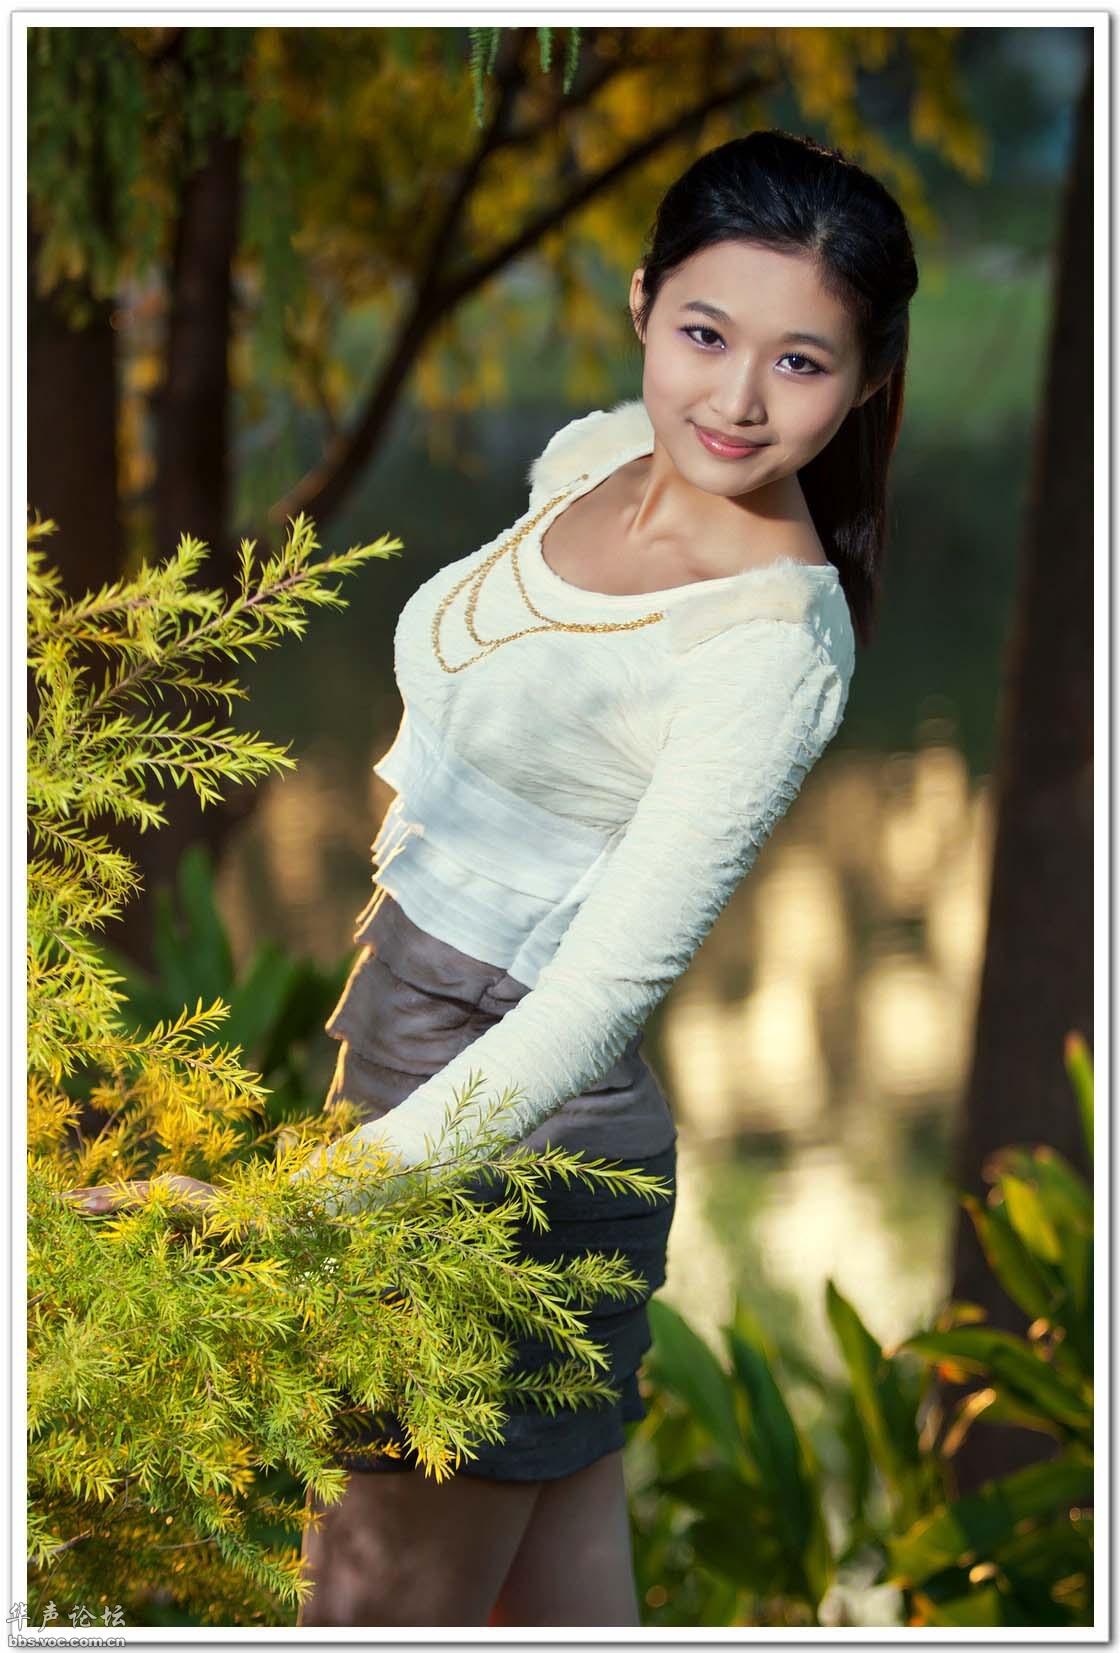 美女陈华 - 春色满园 - 春色满园